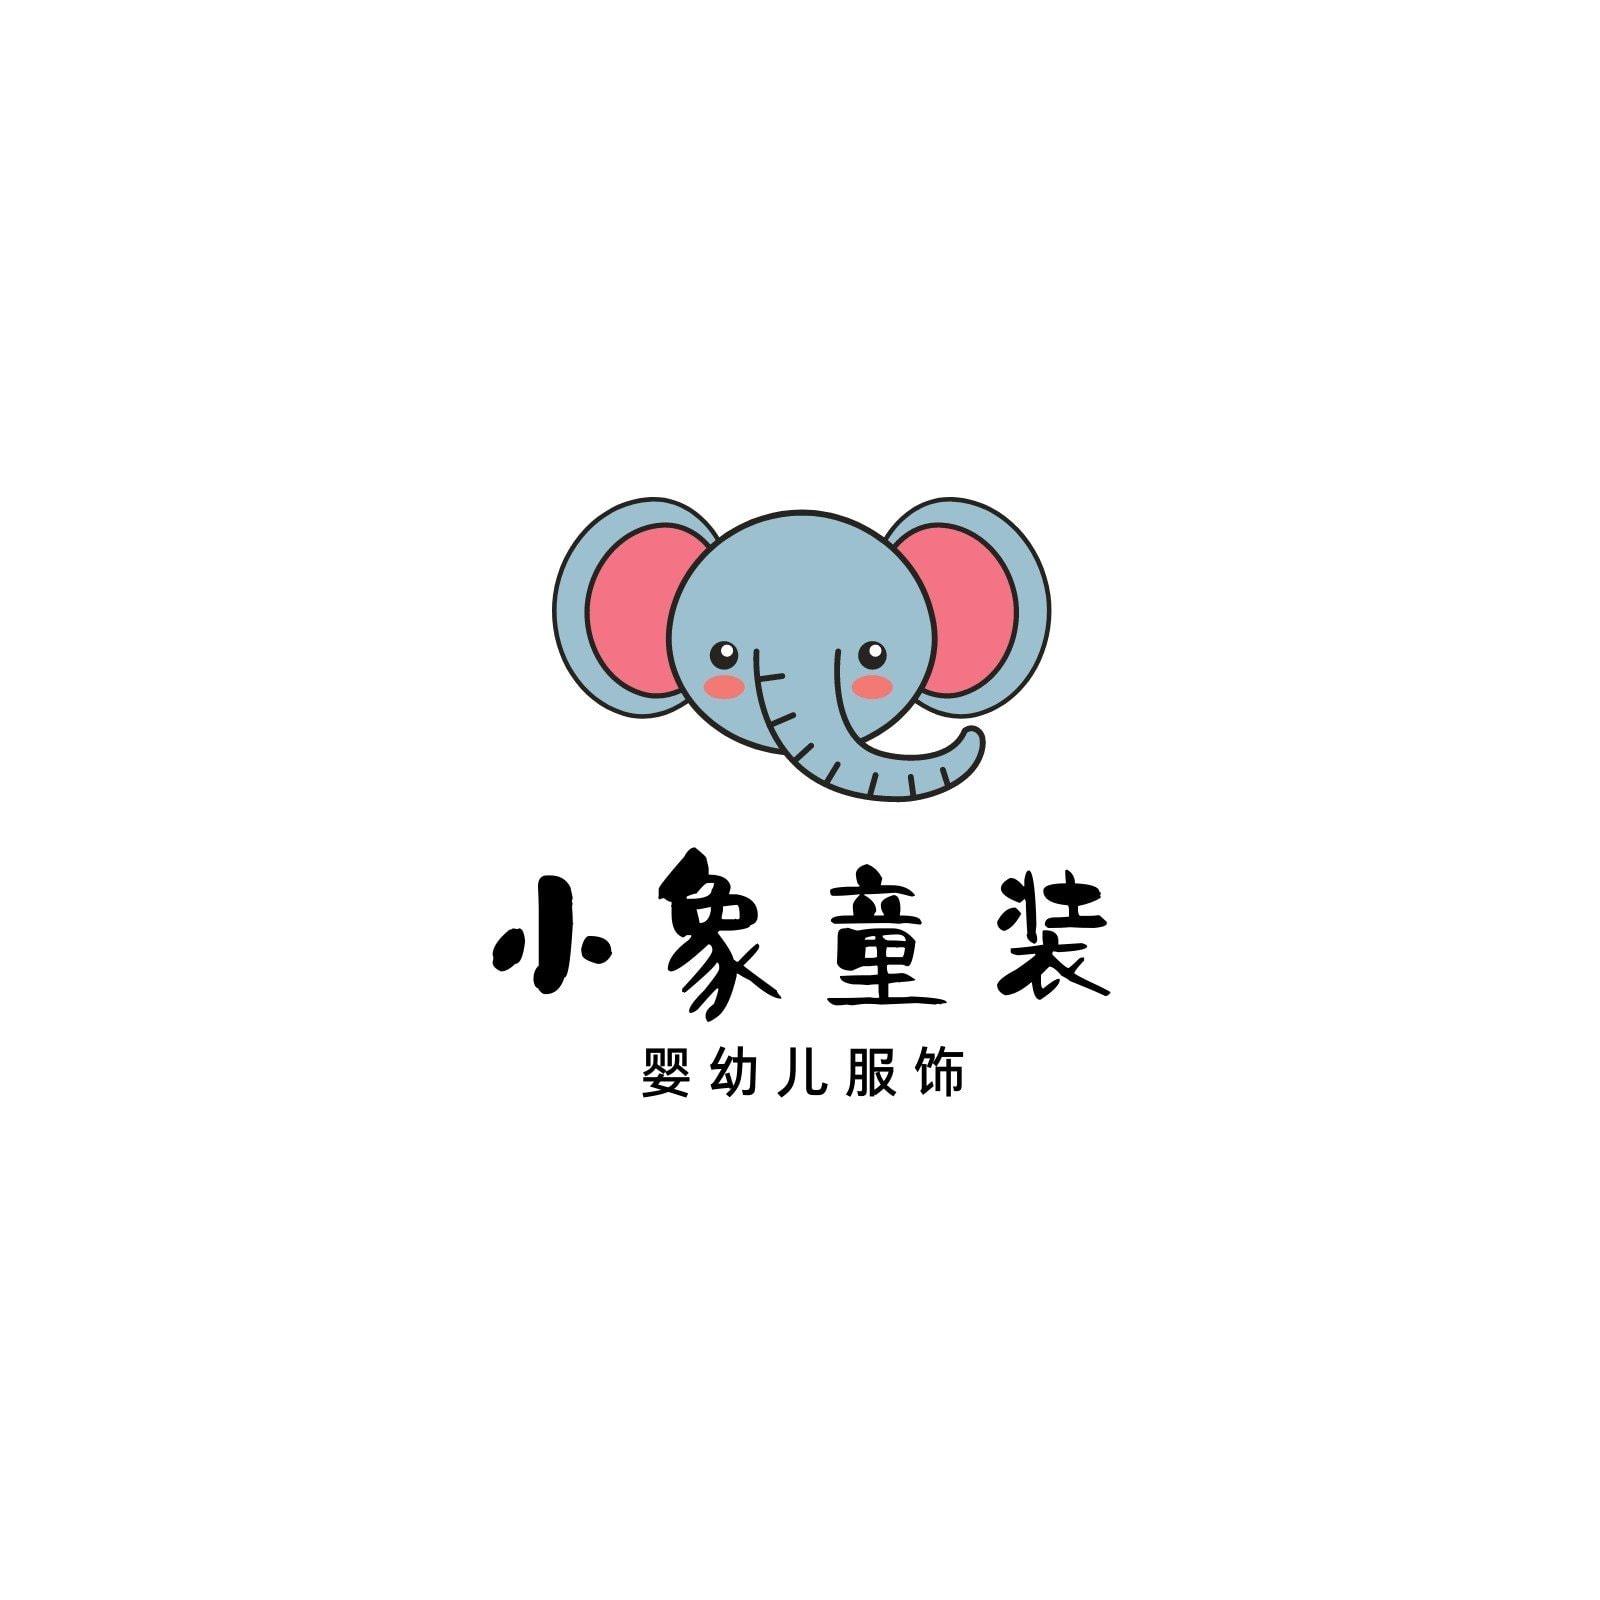 蓝粉色大象服装公司logo可爱服饰中文logo